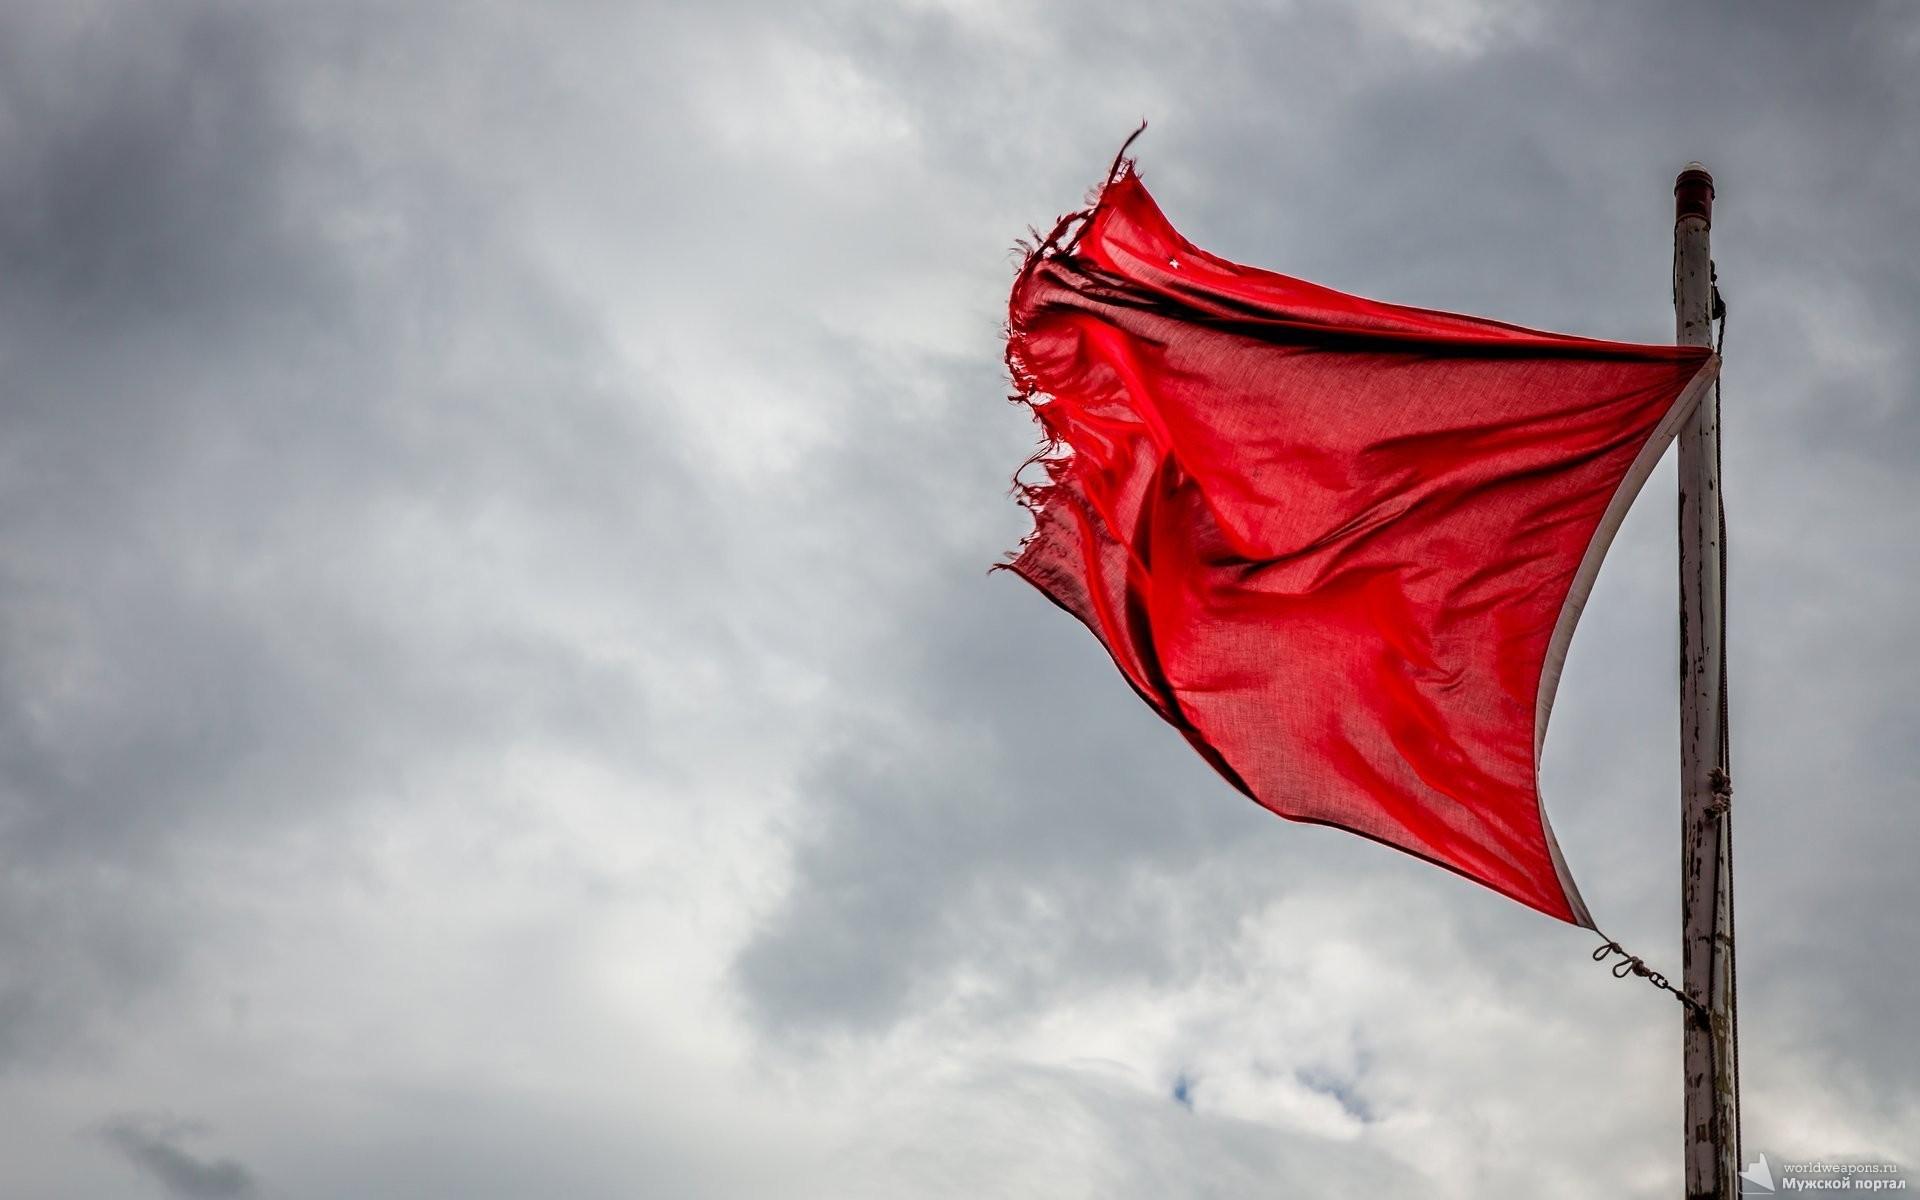 Красный флаг, Рваный флаг, Развевающееся Знамя